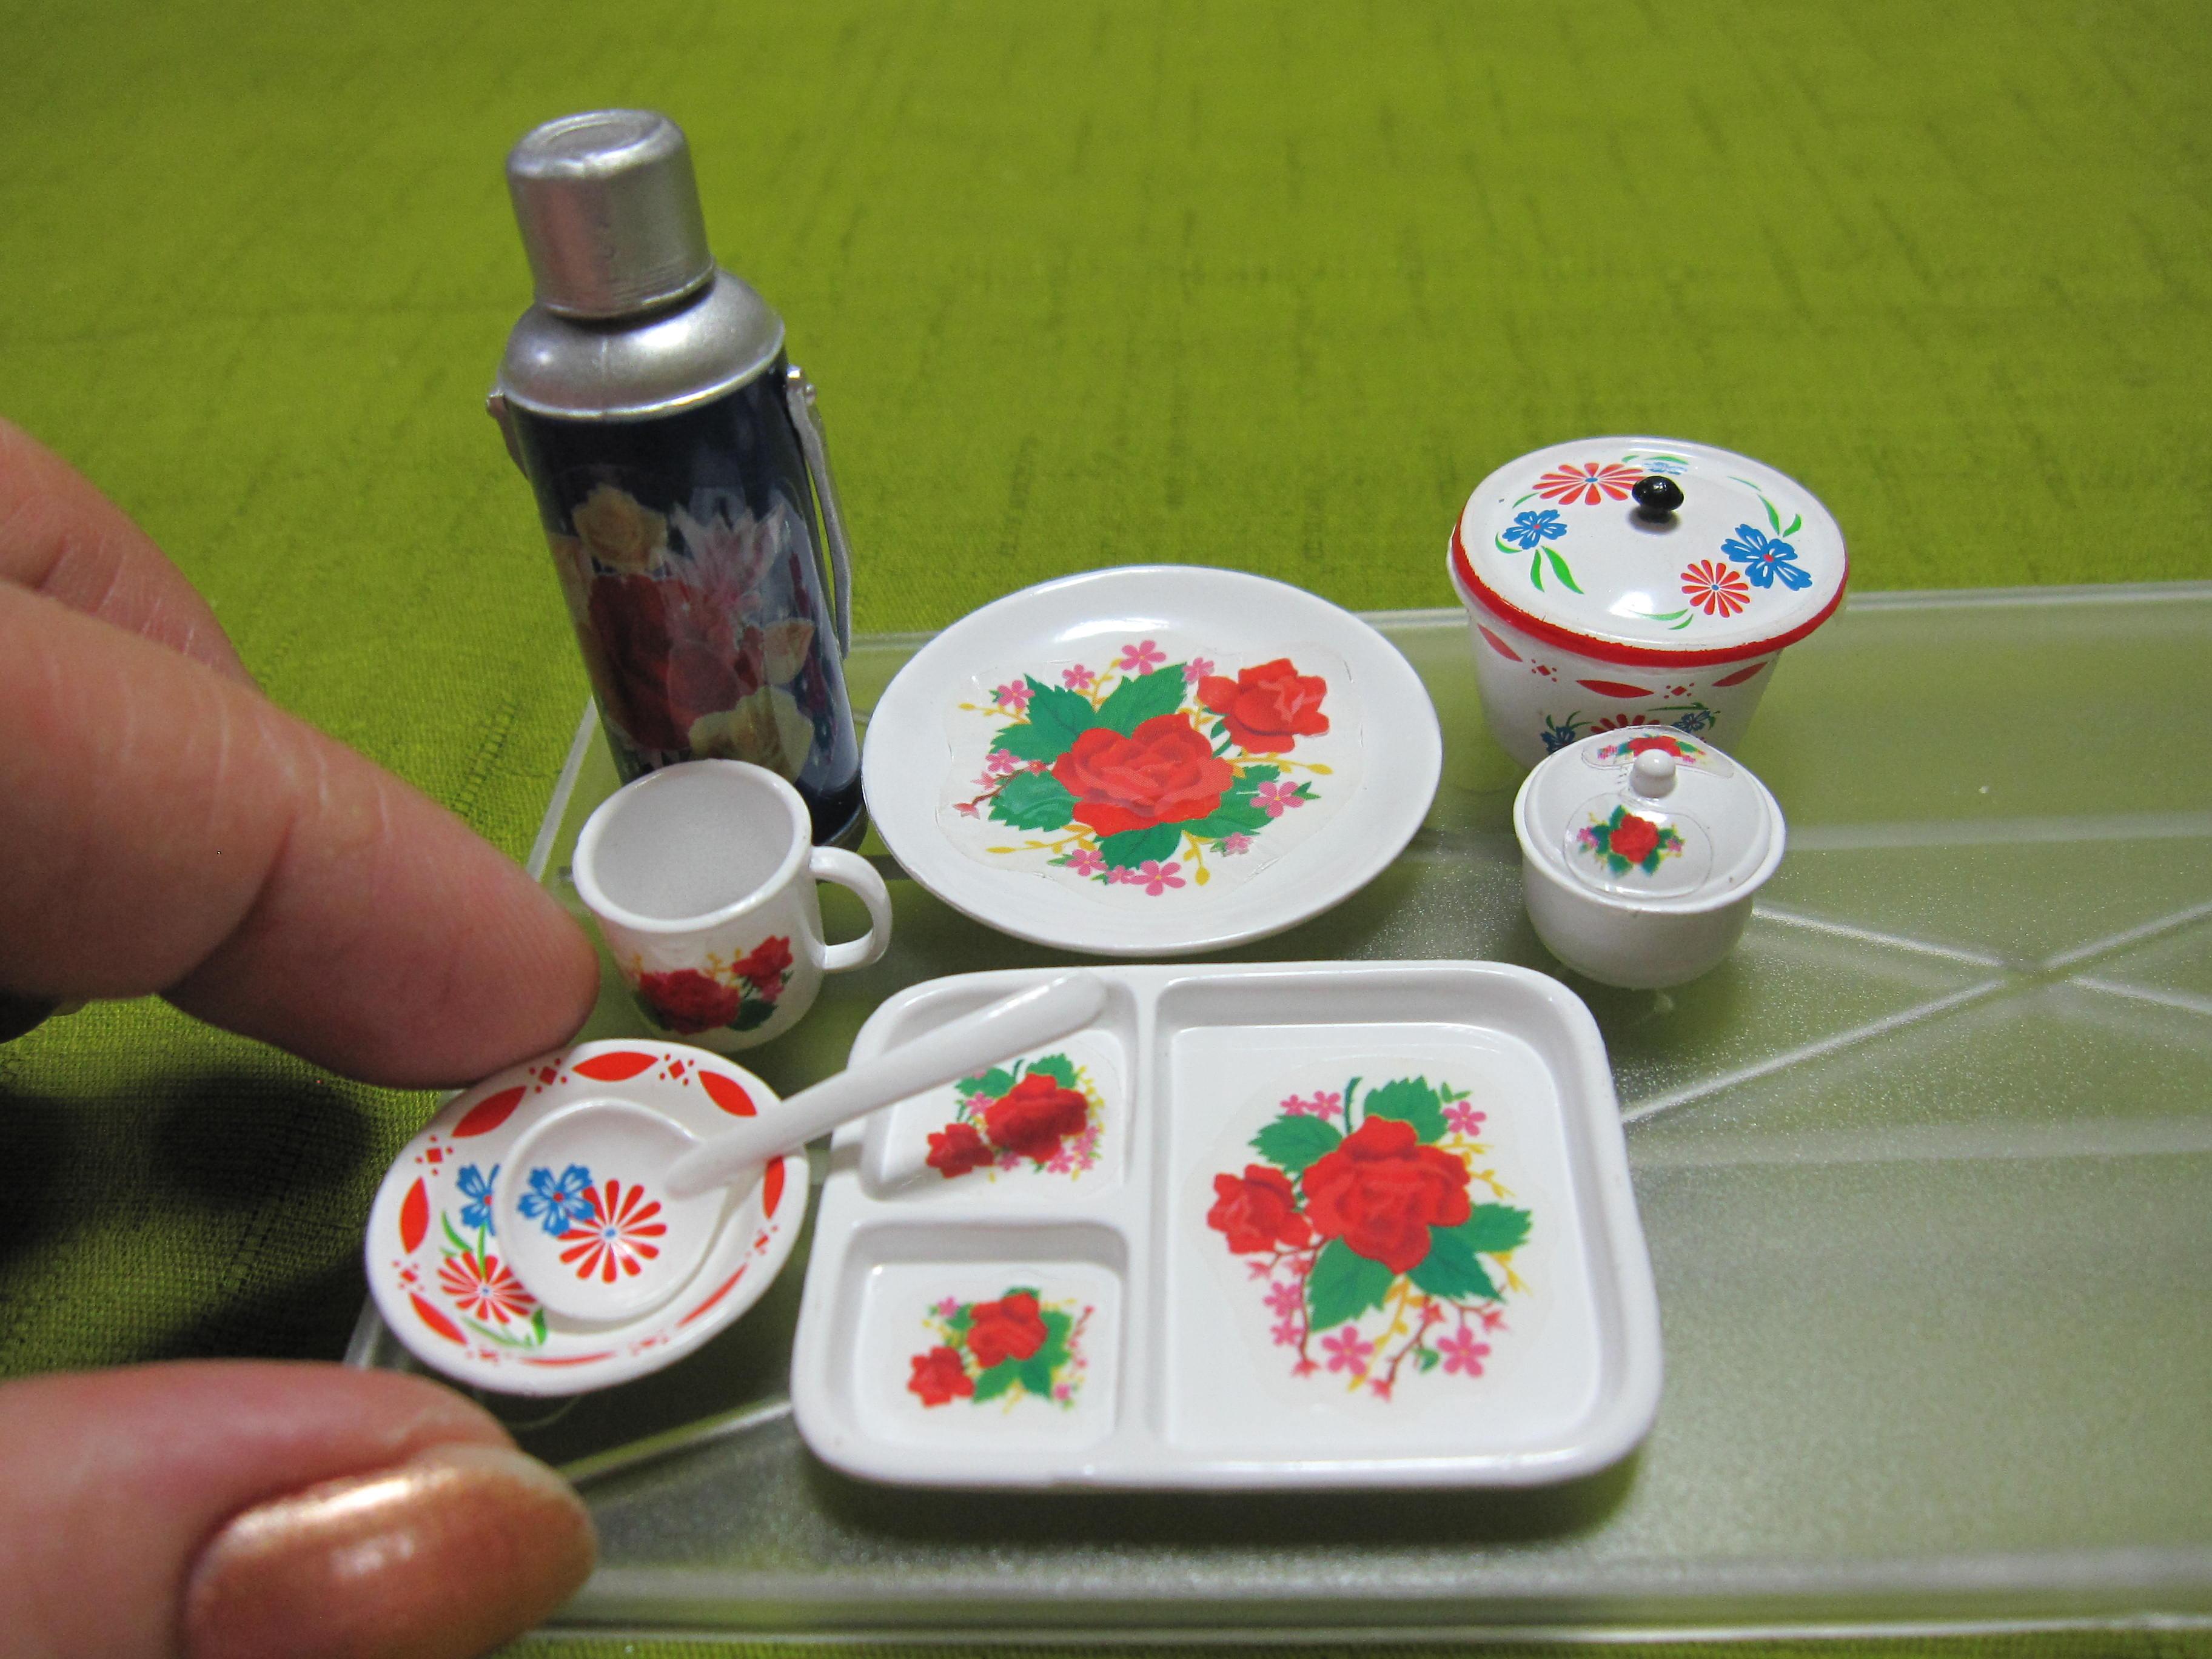 5-3、0739(指を添える)キッチュな花柄食器